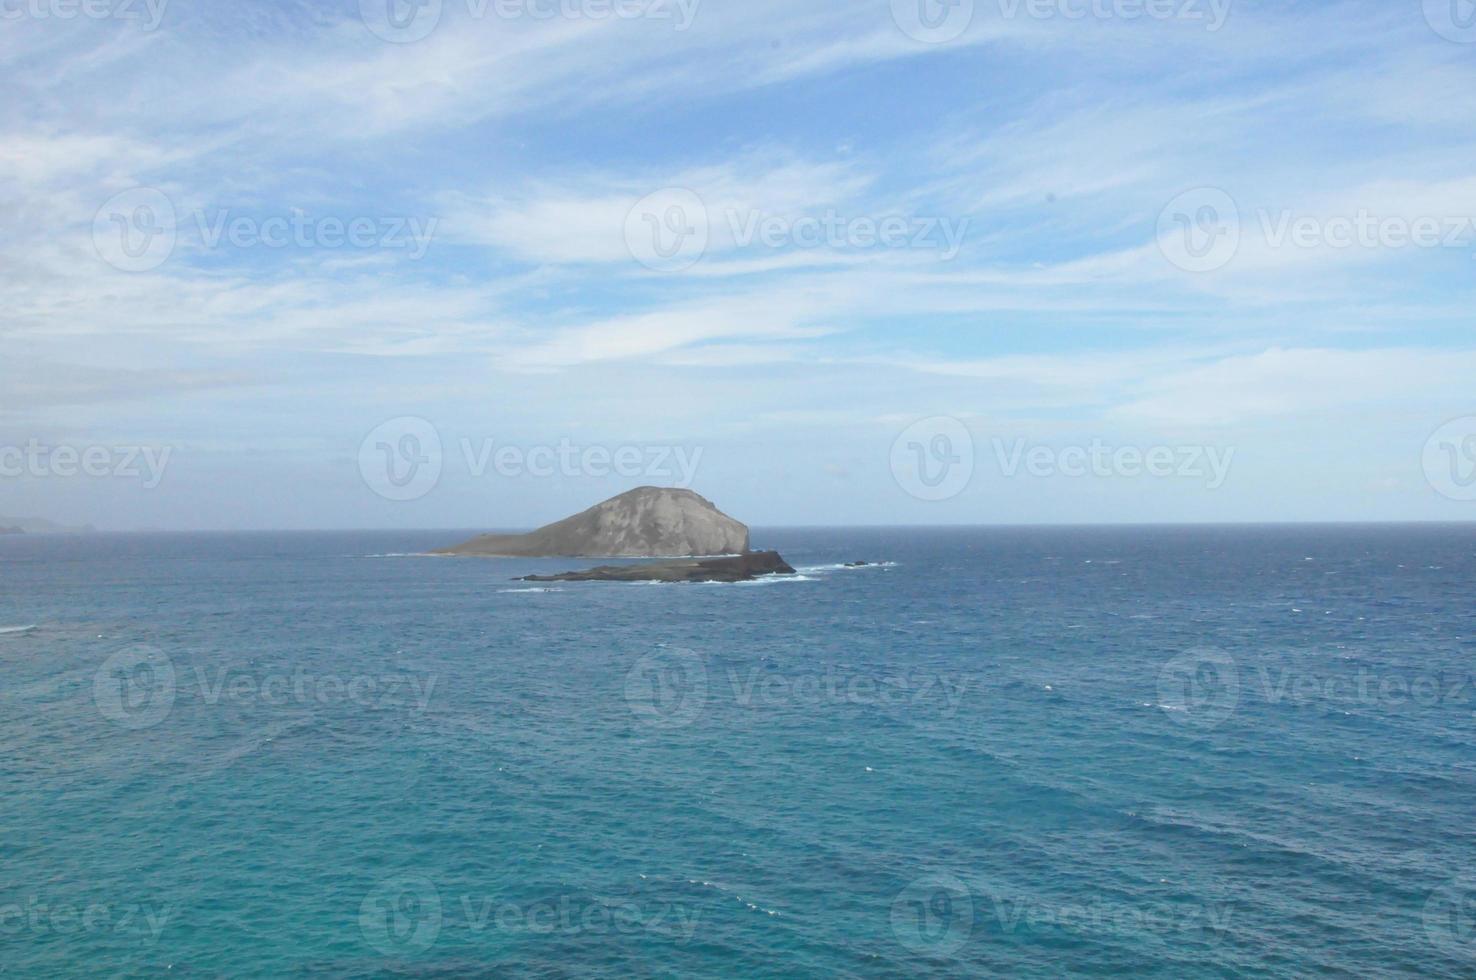 weergave van konijn eiland vanaf Makapuu uitkijkpunt in Oahu, Hawaii foto